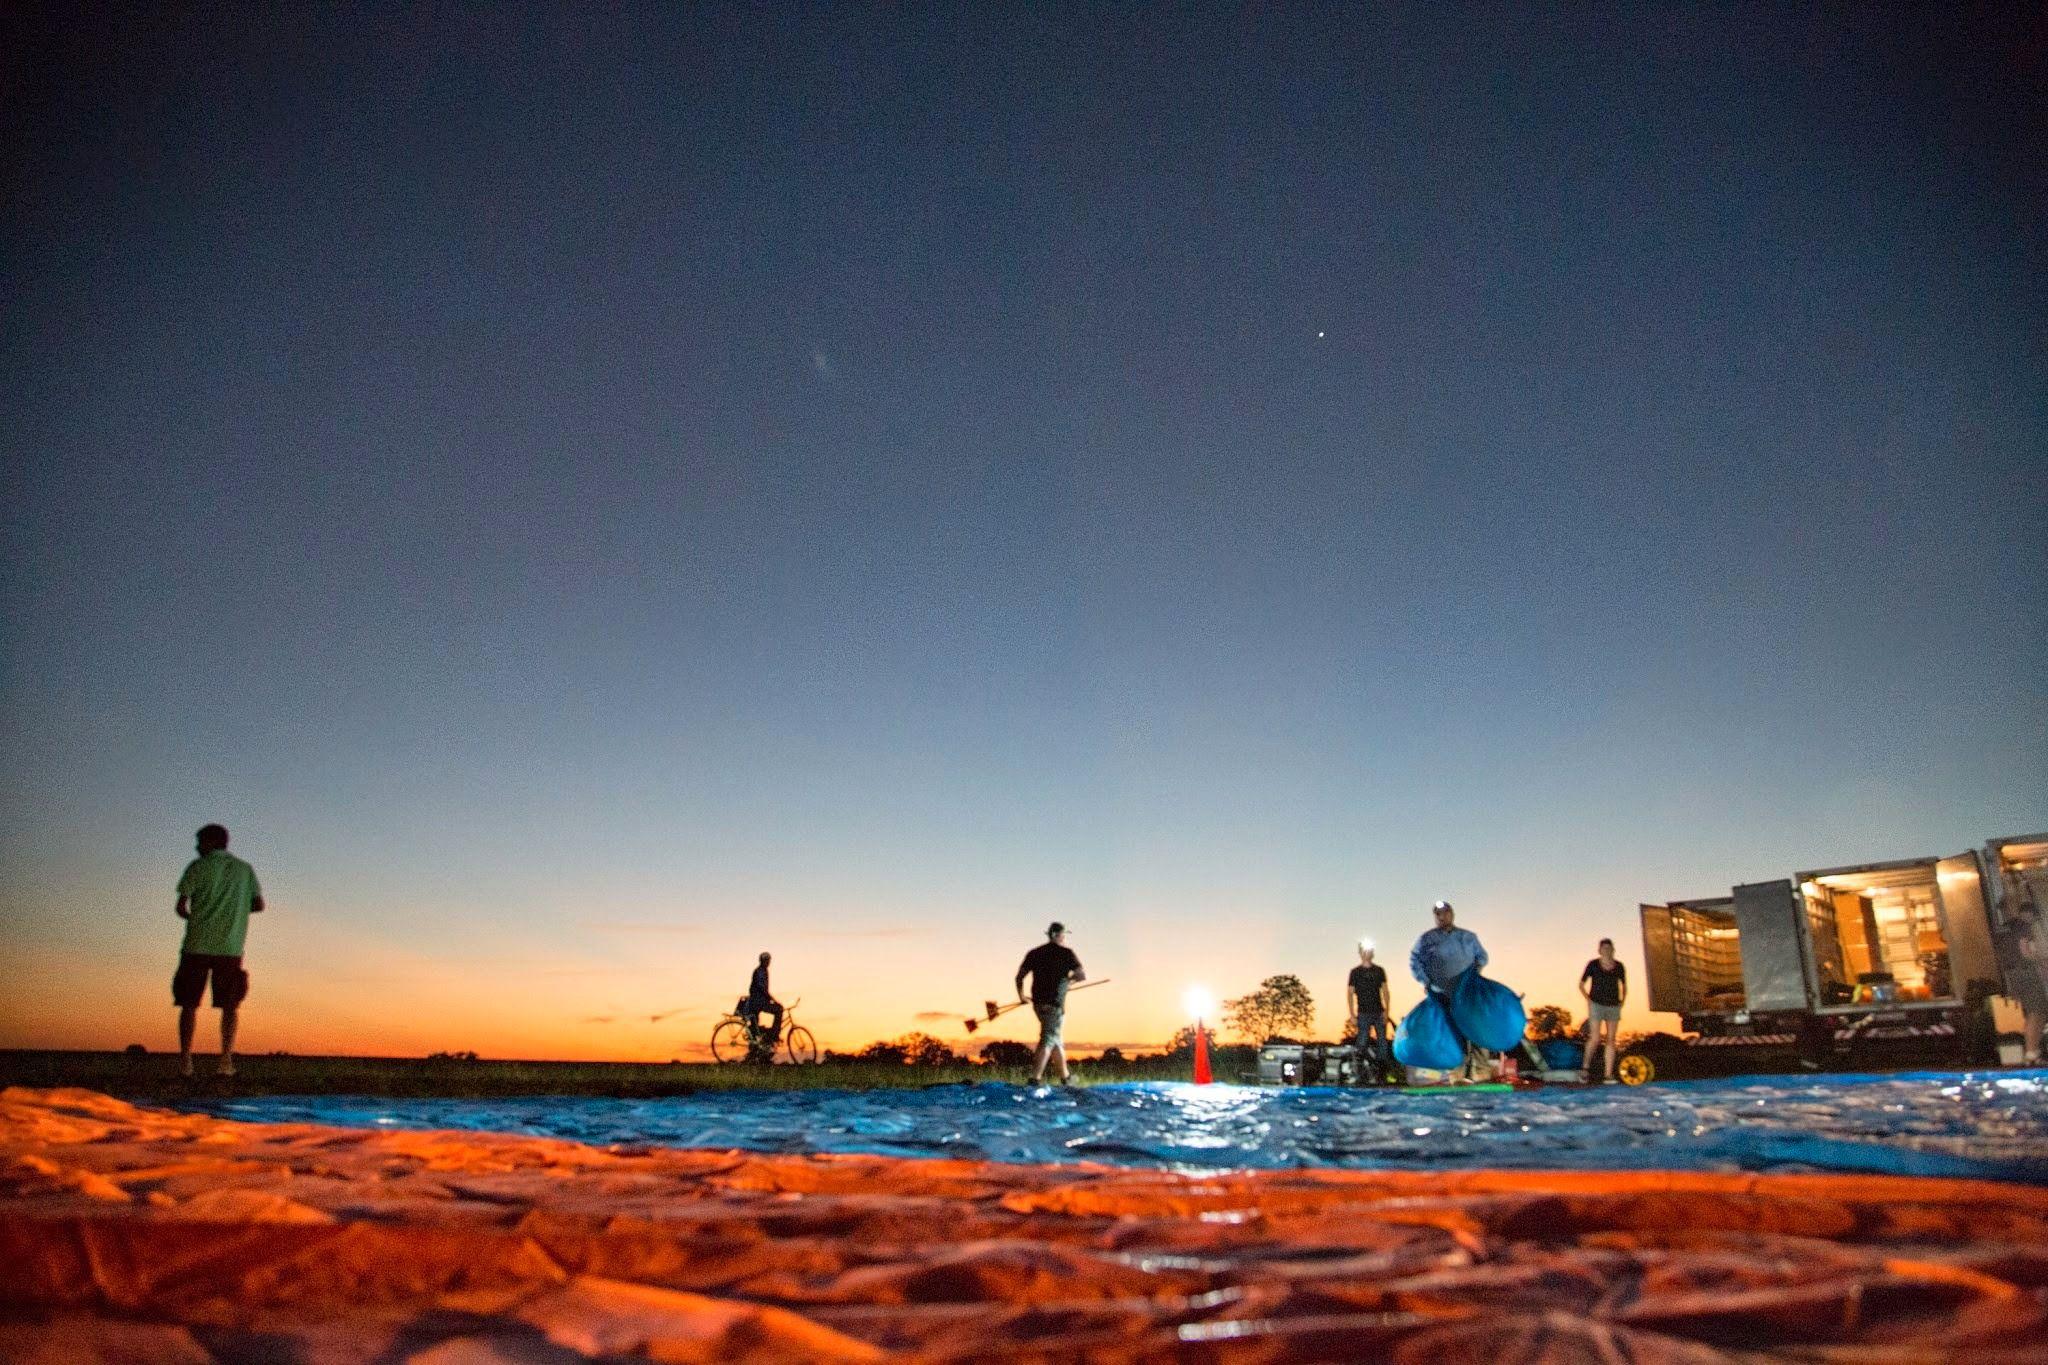 Loon-teamet gjør seg klar til ballongslipp ved soloppgang.Foto: Project Loon